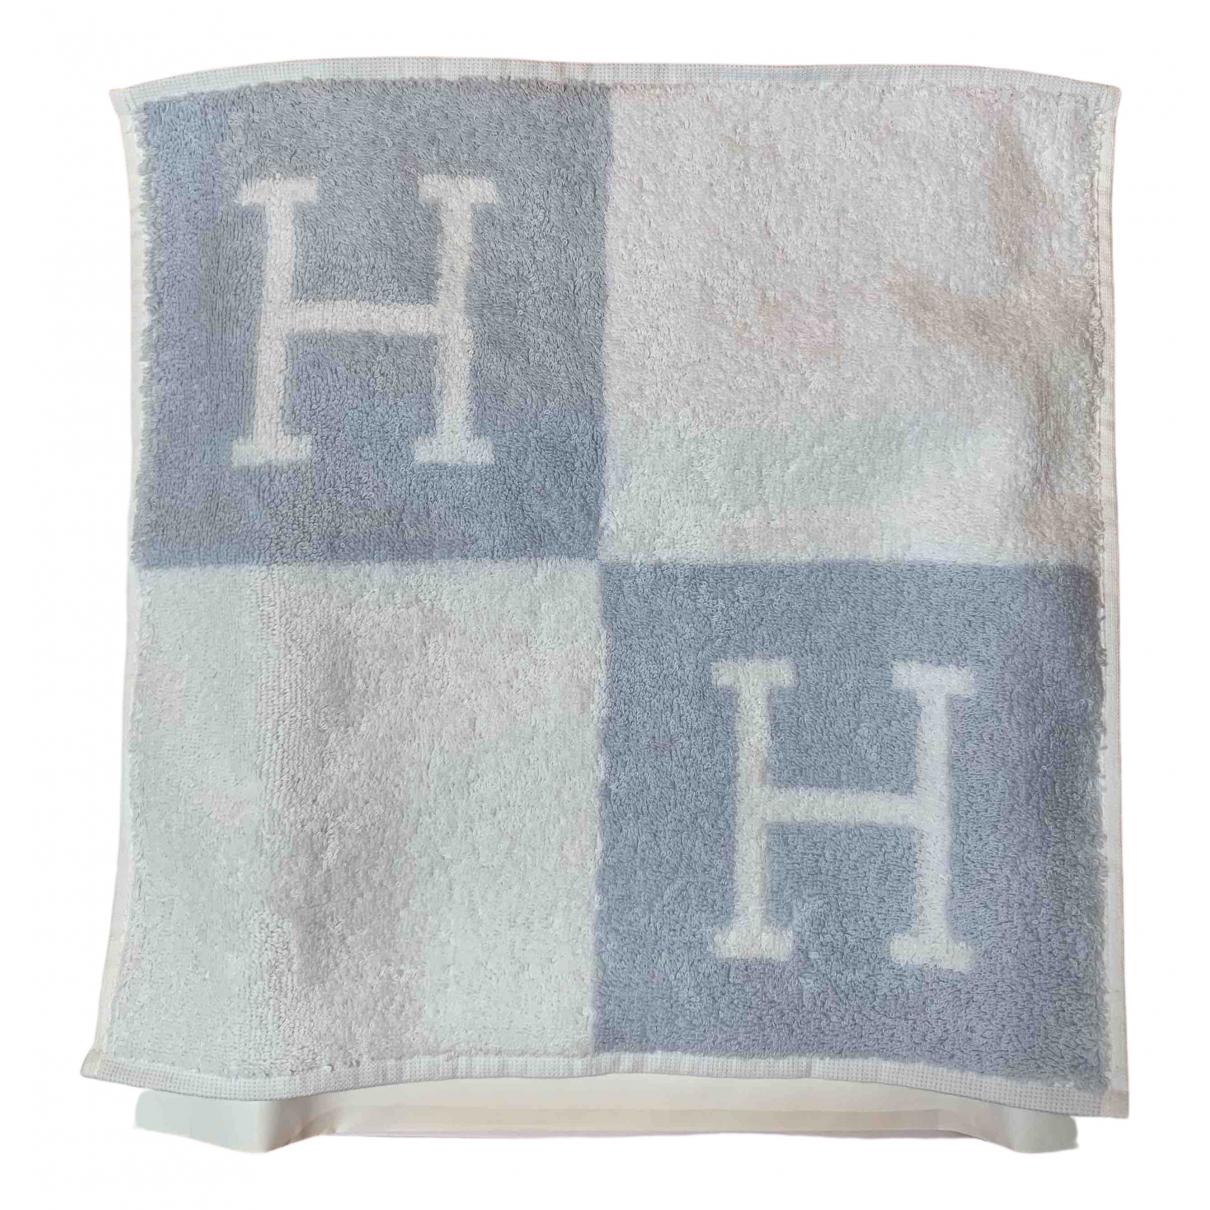 Hermès Avalon Multicolour Cotton Textiles for Life & Living \N